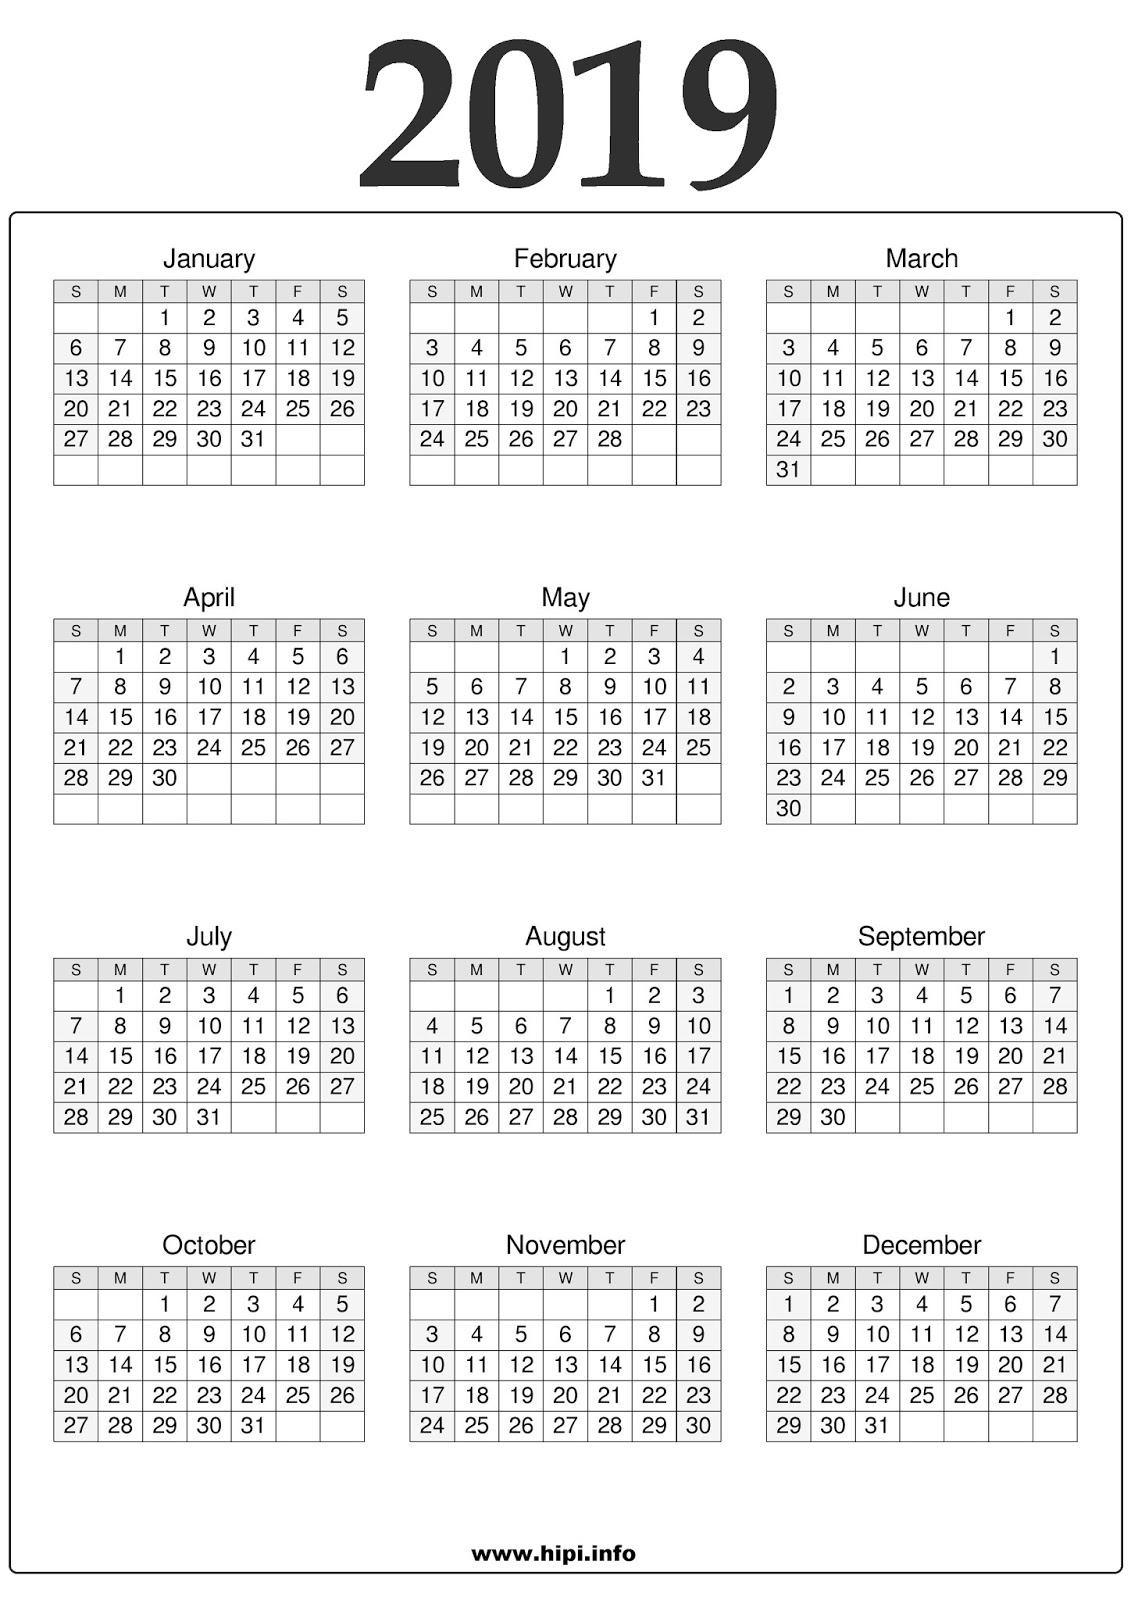 Calendars Printable Twitter Headers Facebook Covers 2